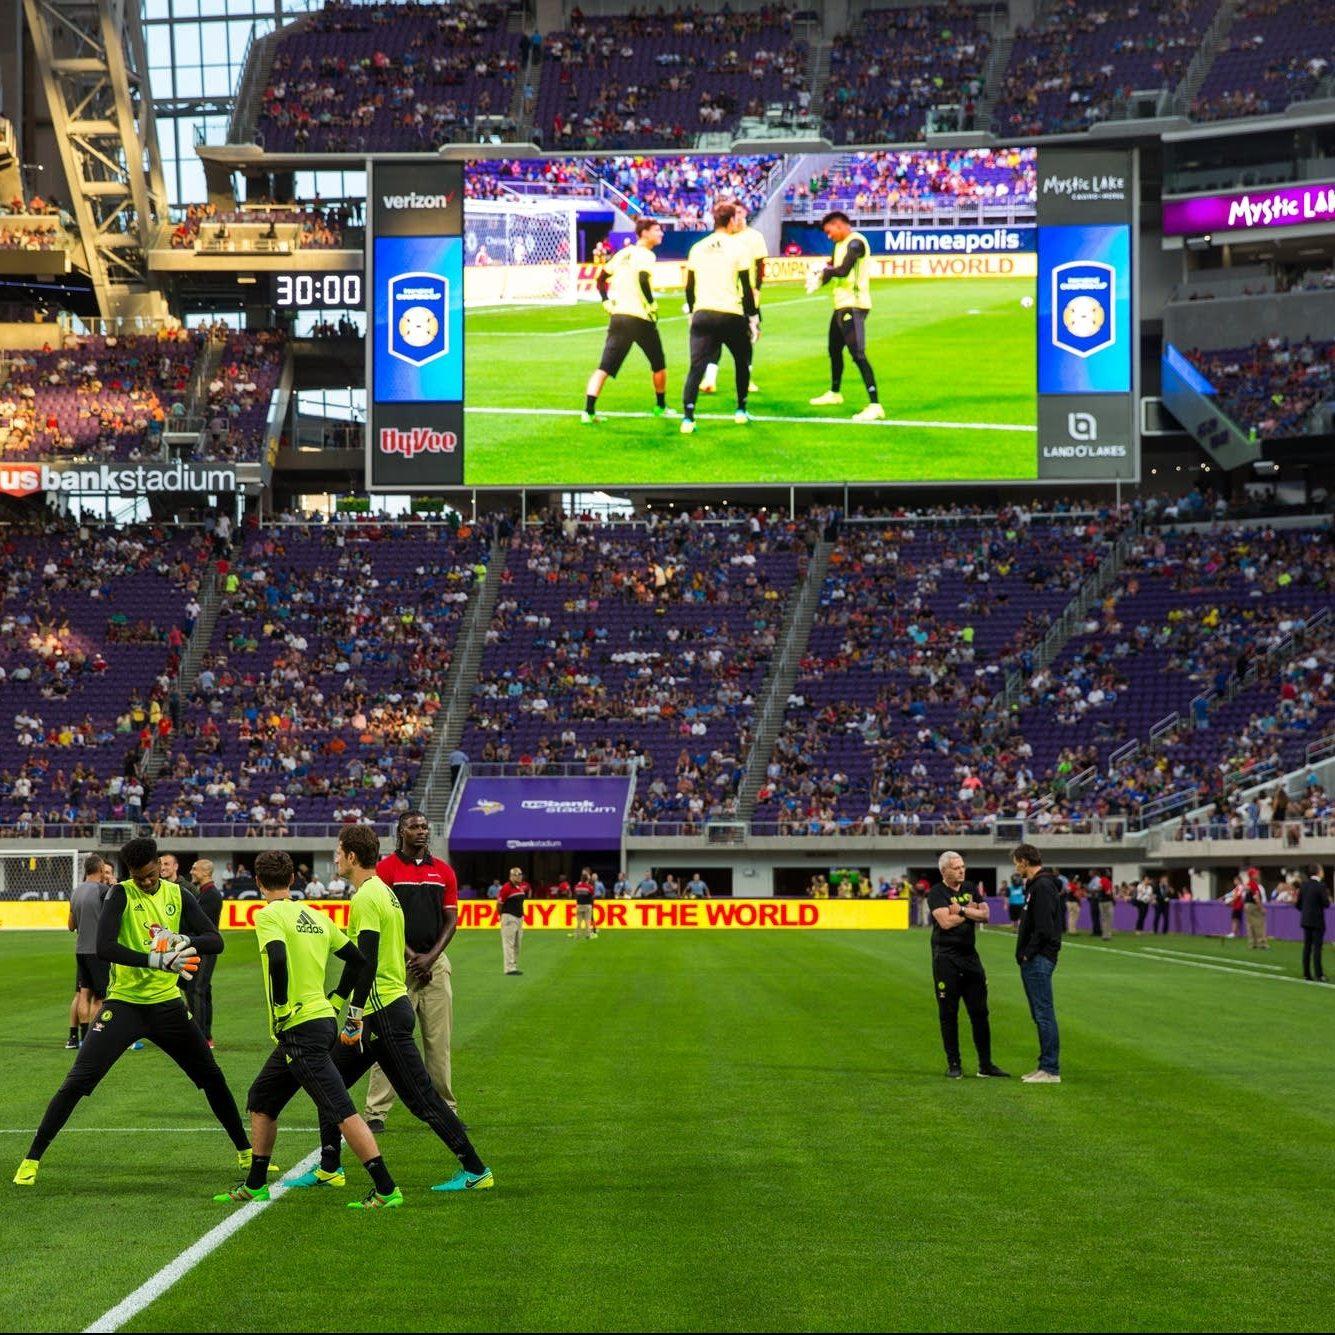 usbankstadium-soccer-led-screen-giant